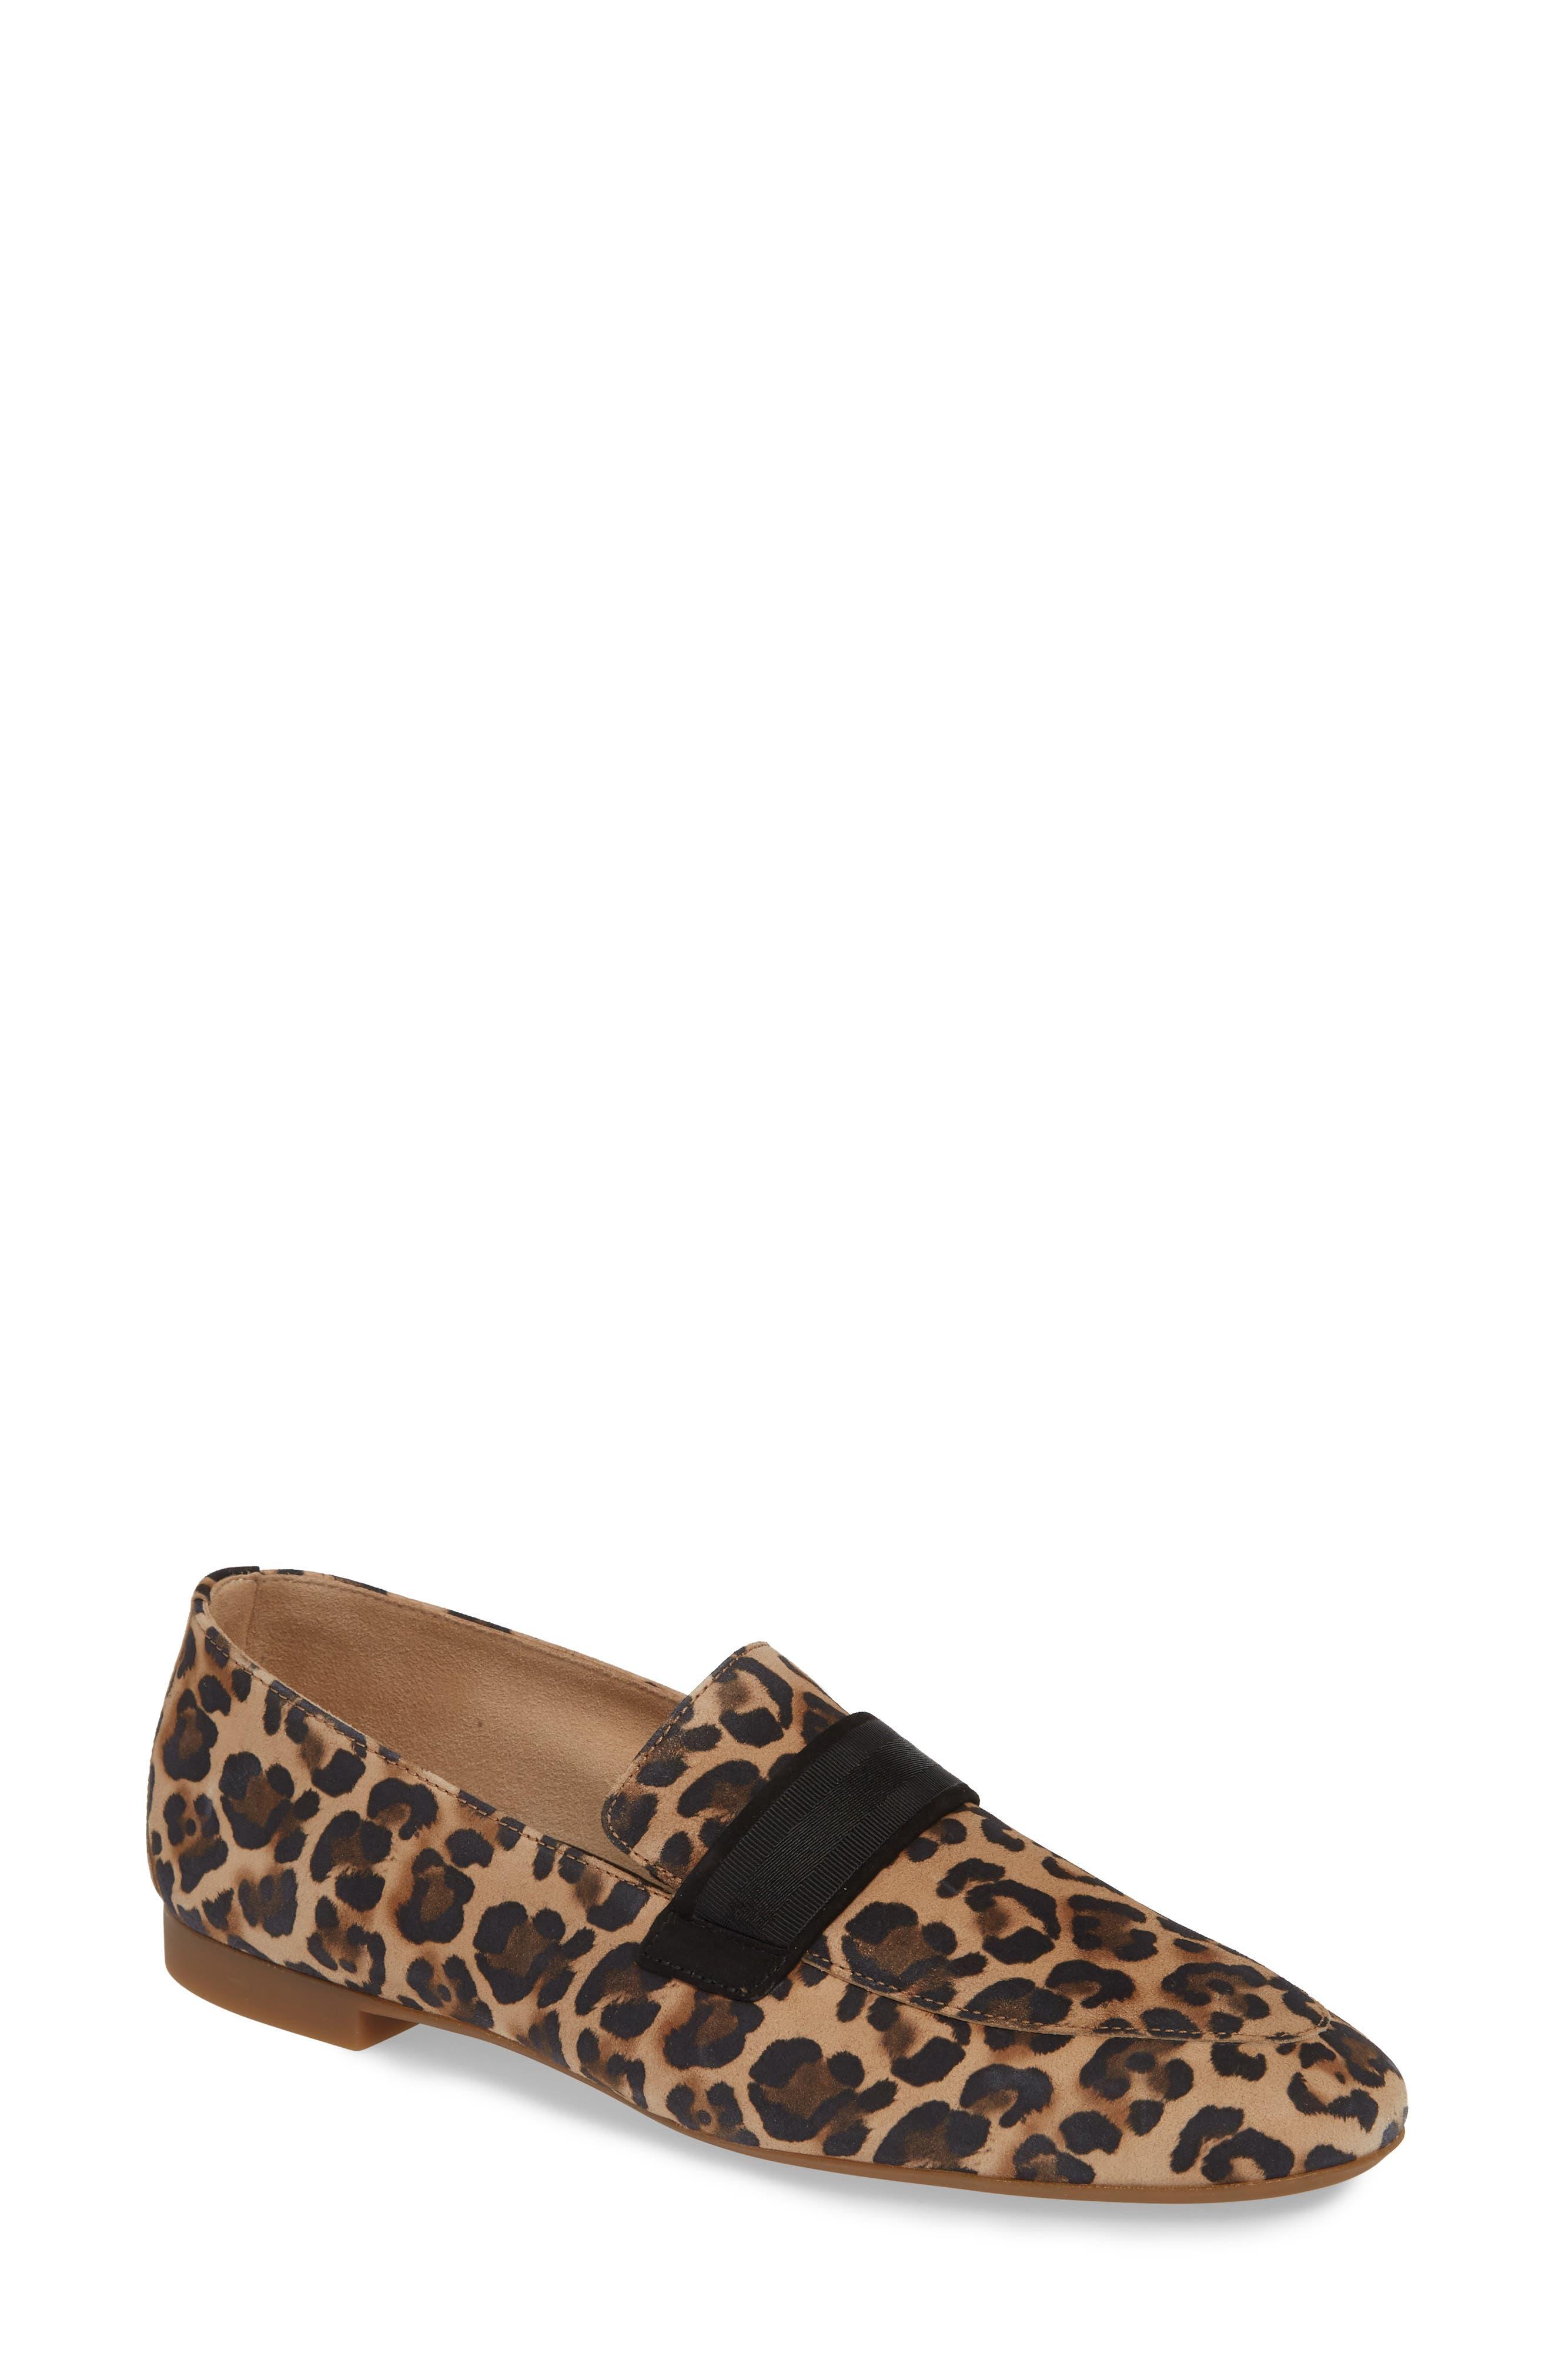 db8c6204515 Paul Green Women s Shoes